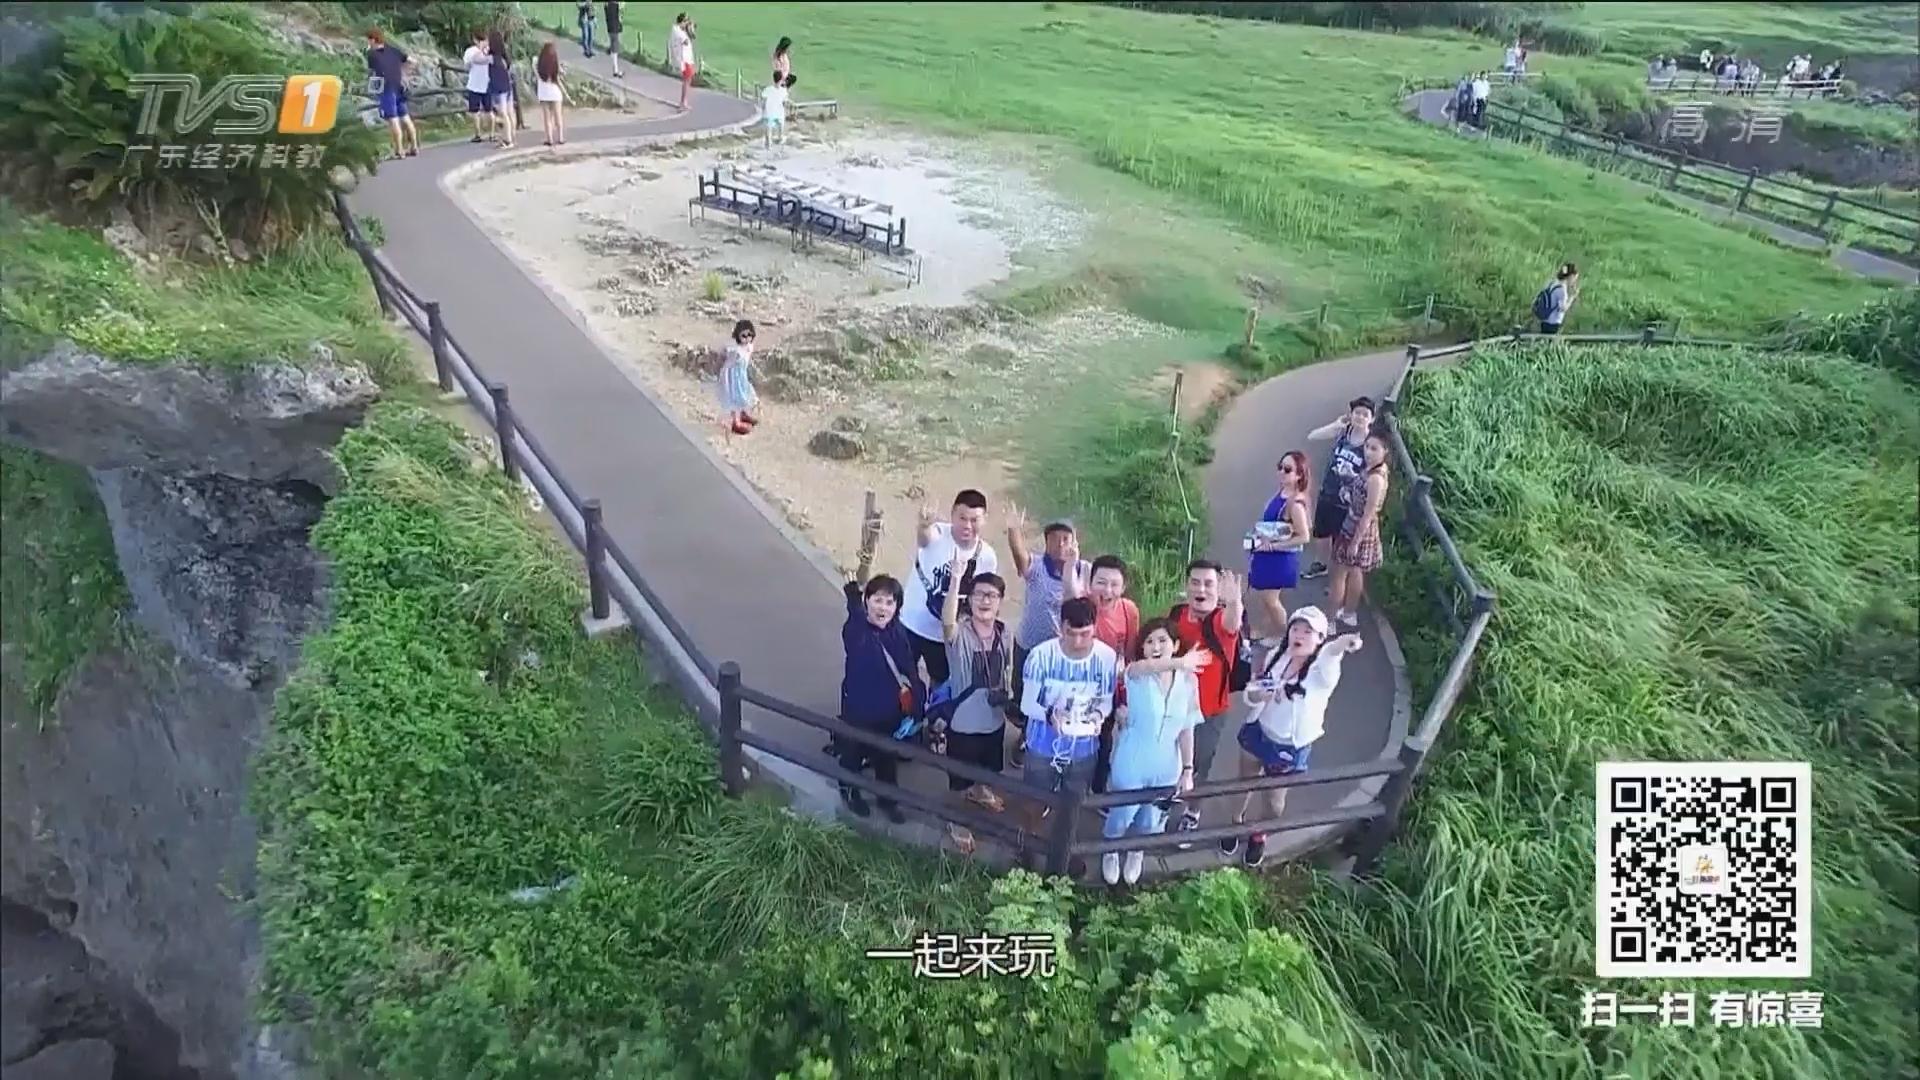 冲绳——万座毛国家自然公园